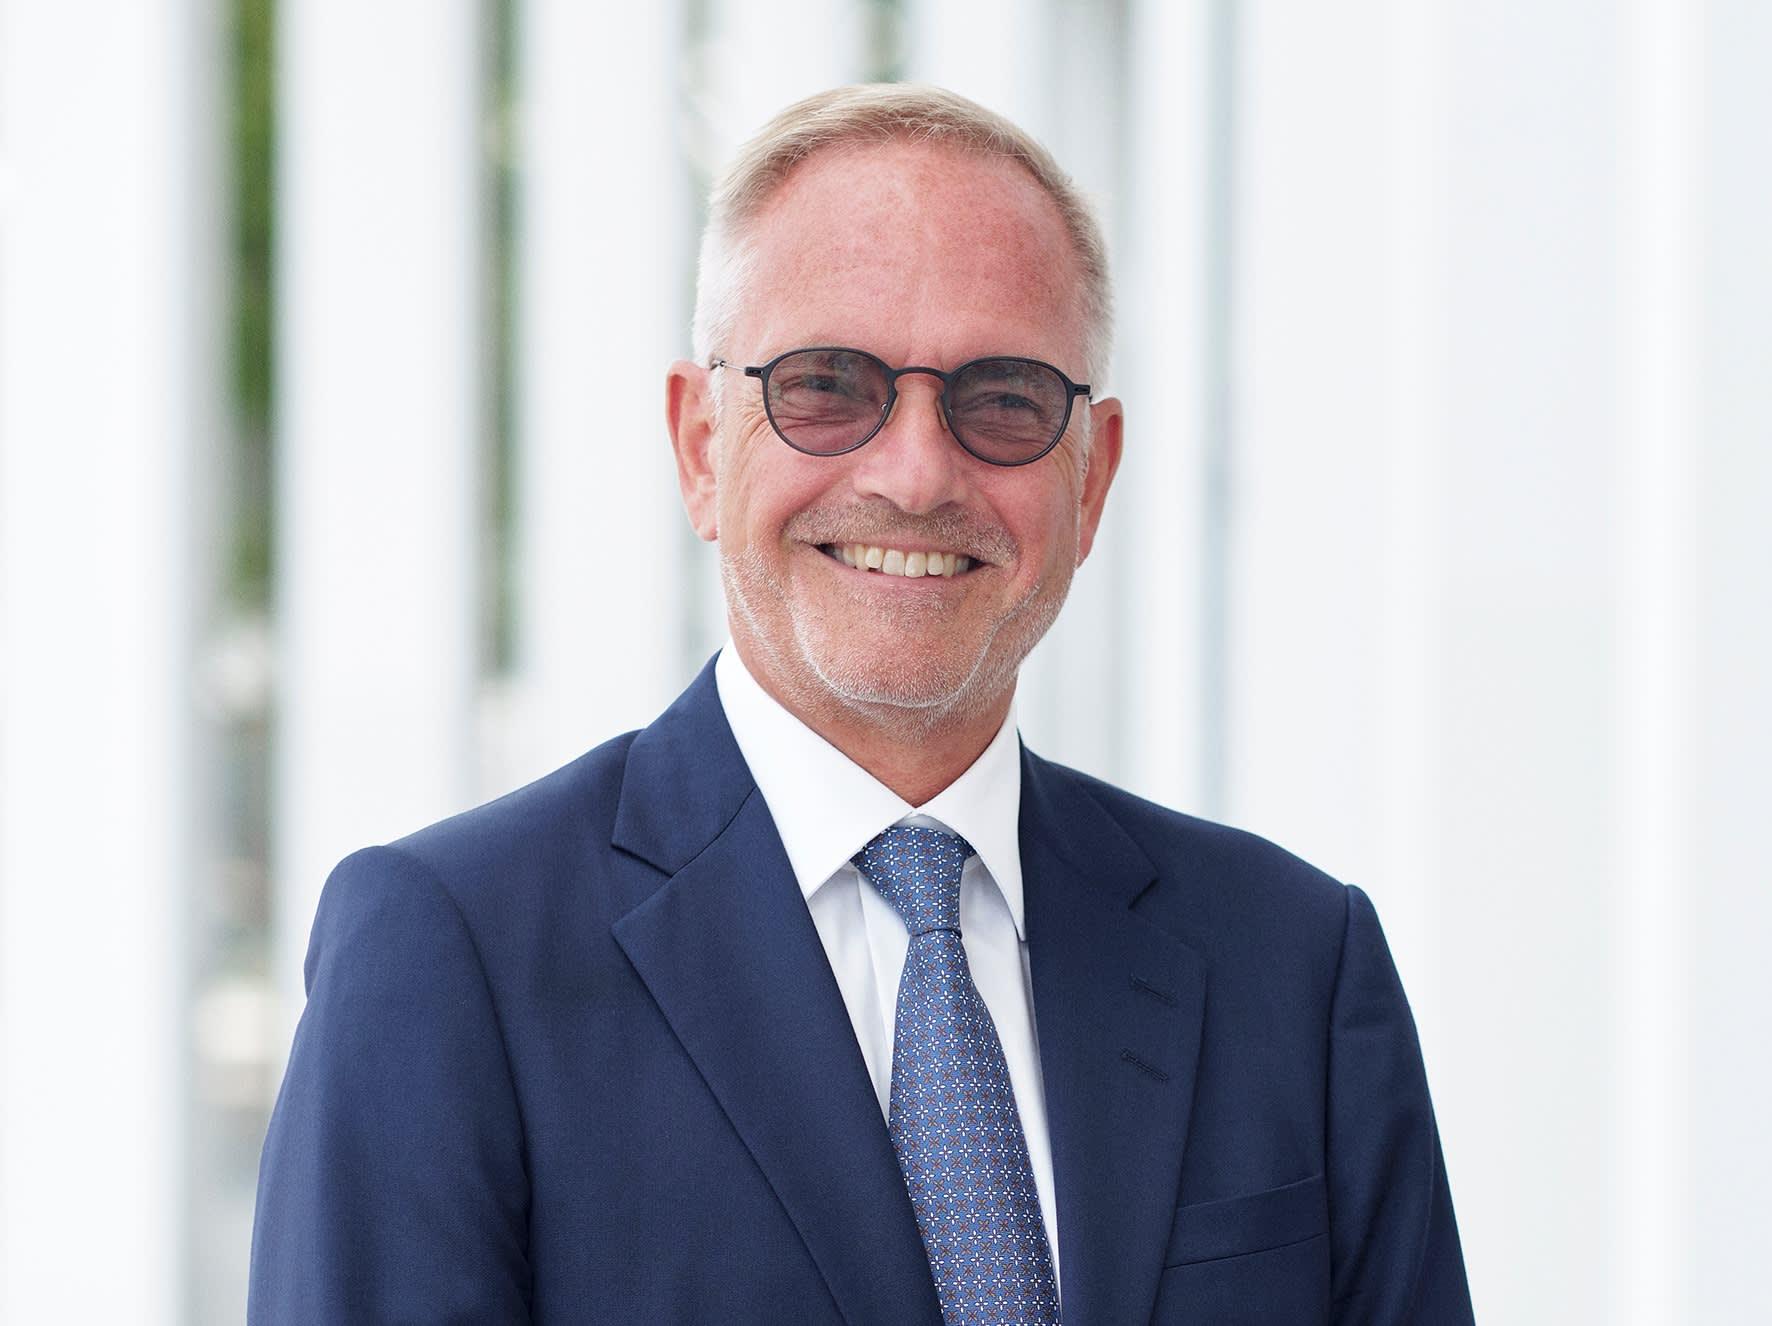 DFDS Peder Gellert 2019 144 low, cropped